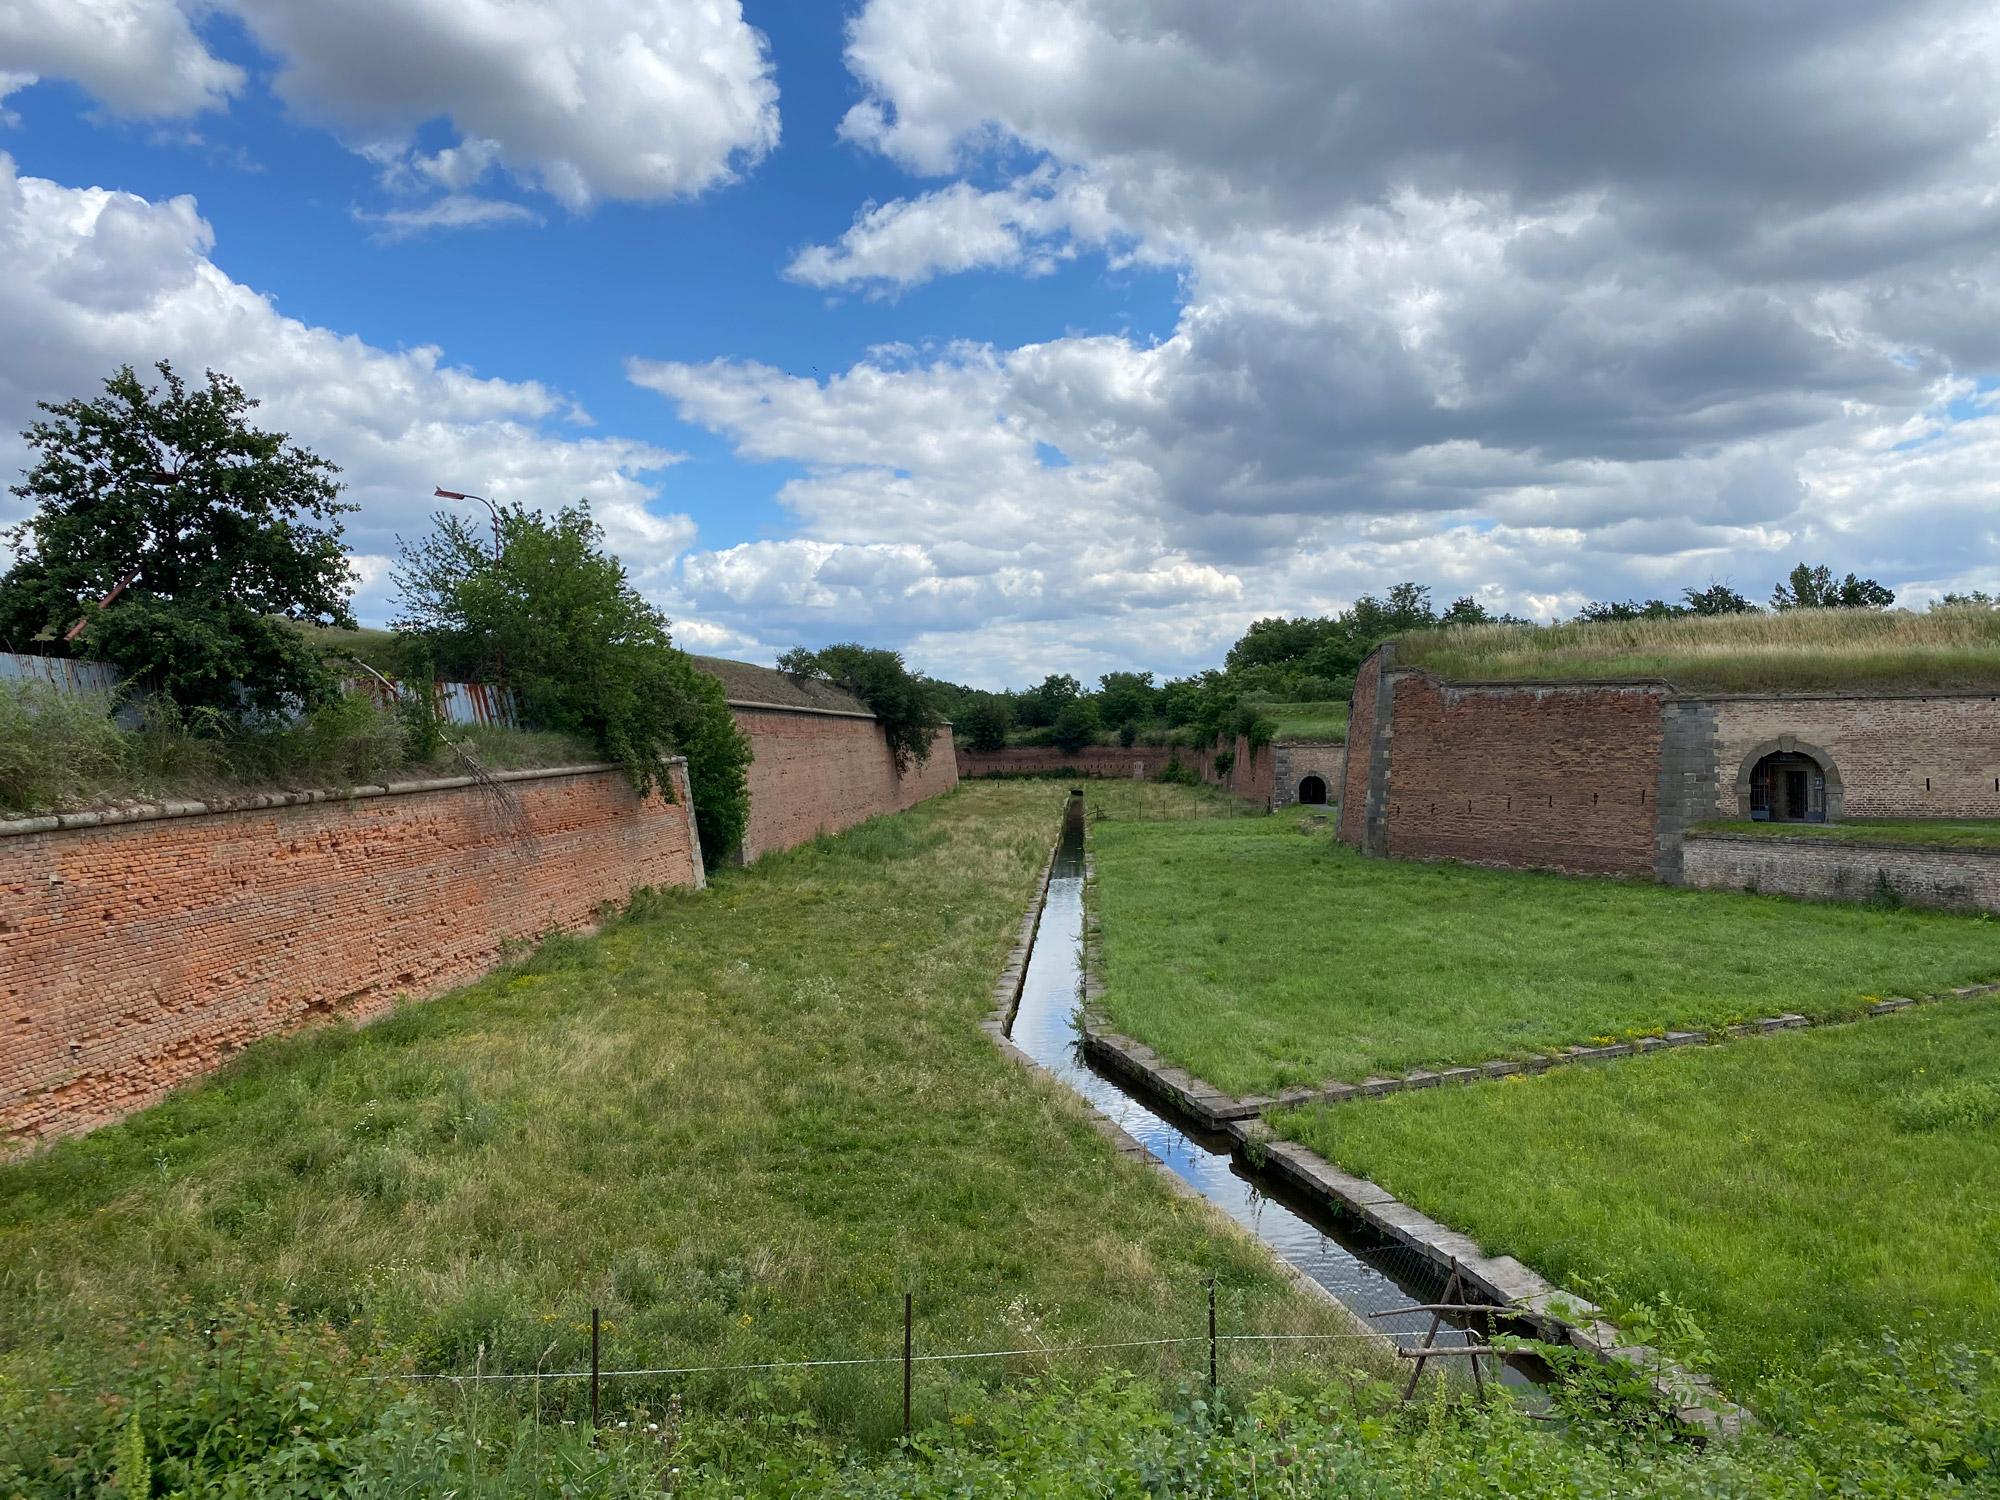 Tsjechië reis - dag 4 - Theresienstadt